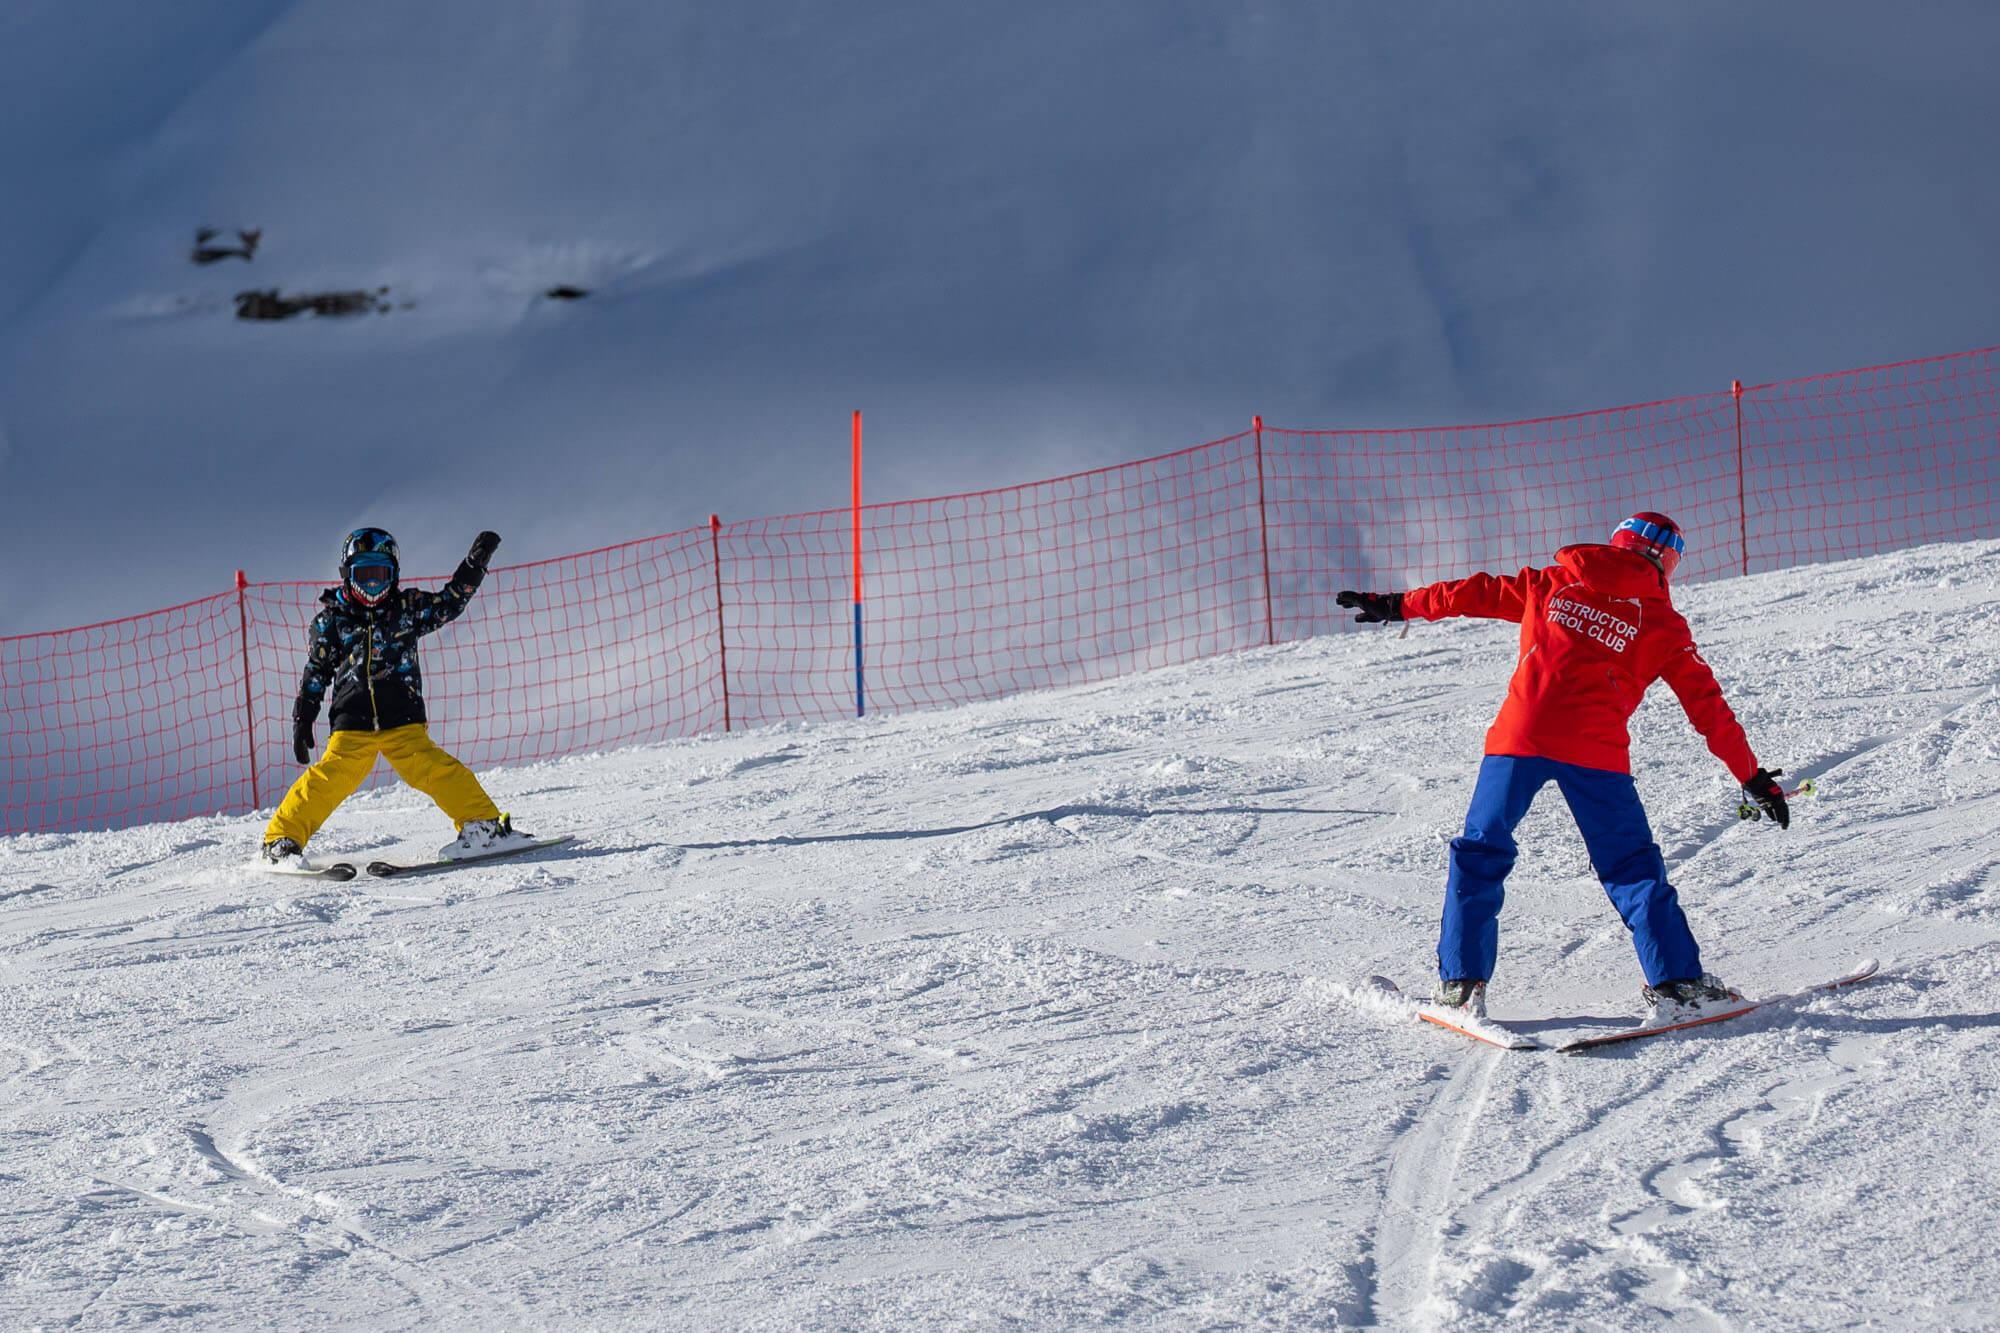 Открытие горнолыжного сезона на курорте «Красная Поляна» в Сочи